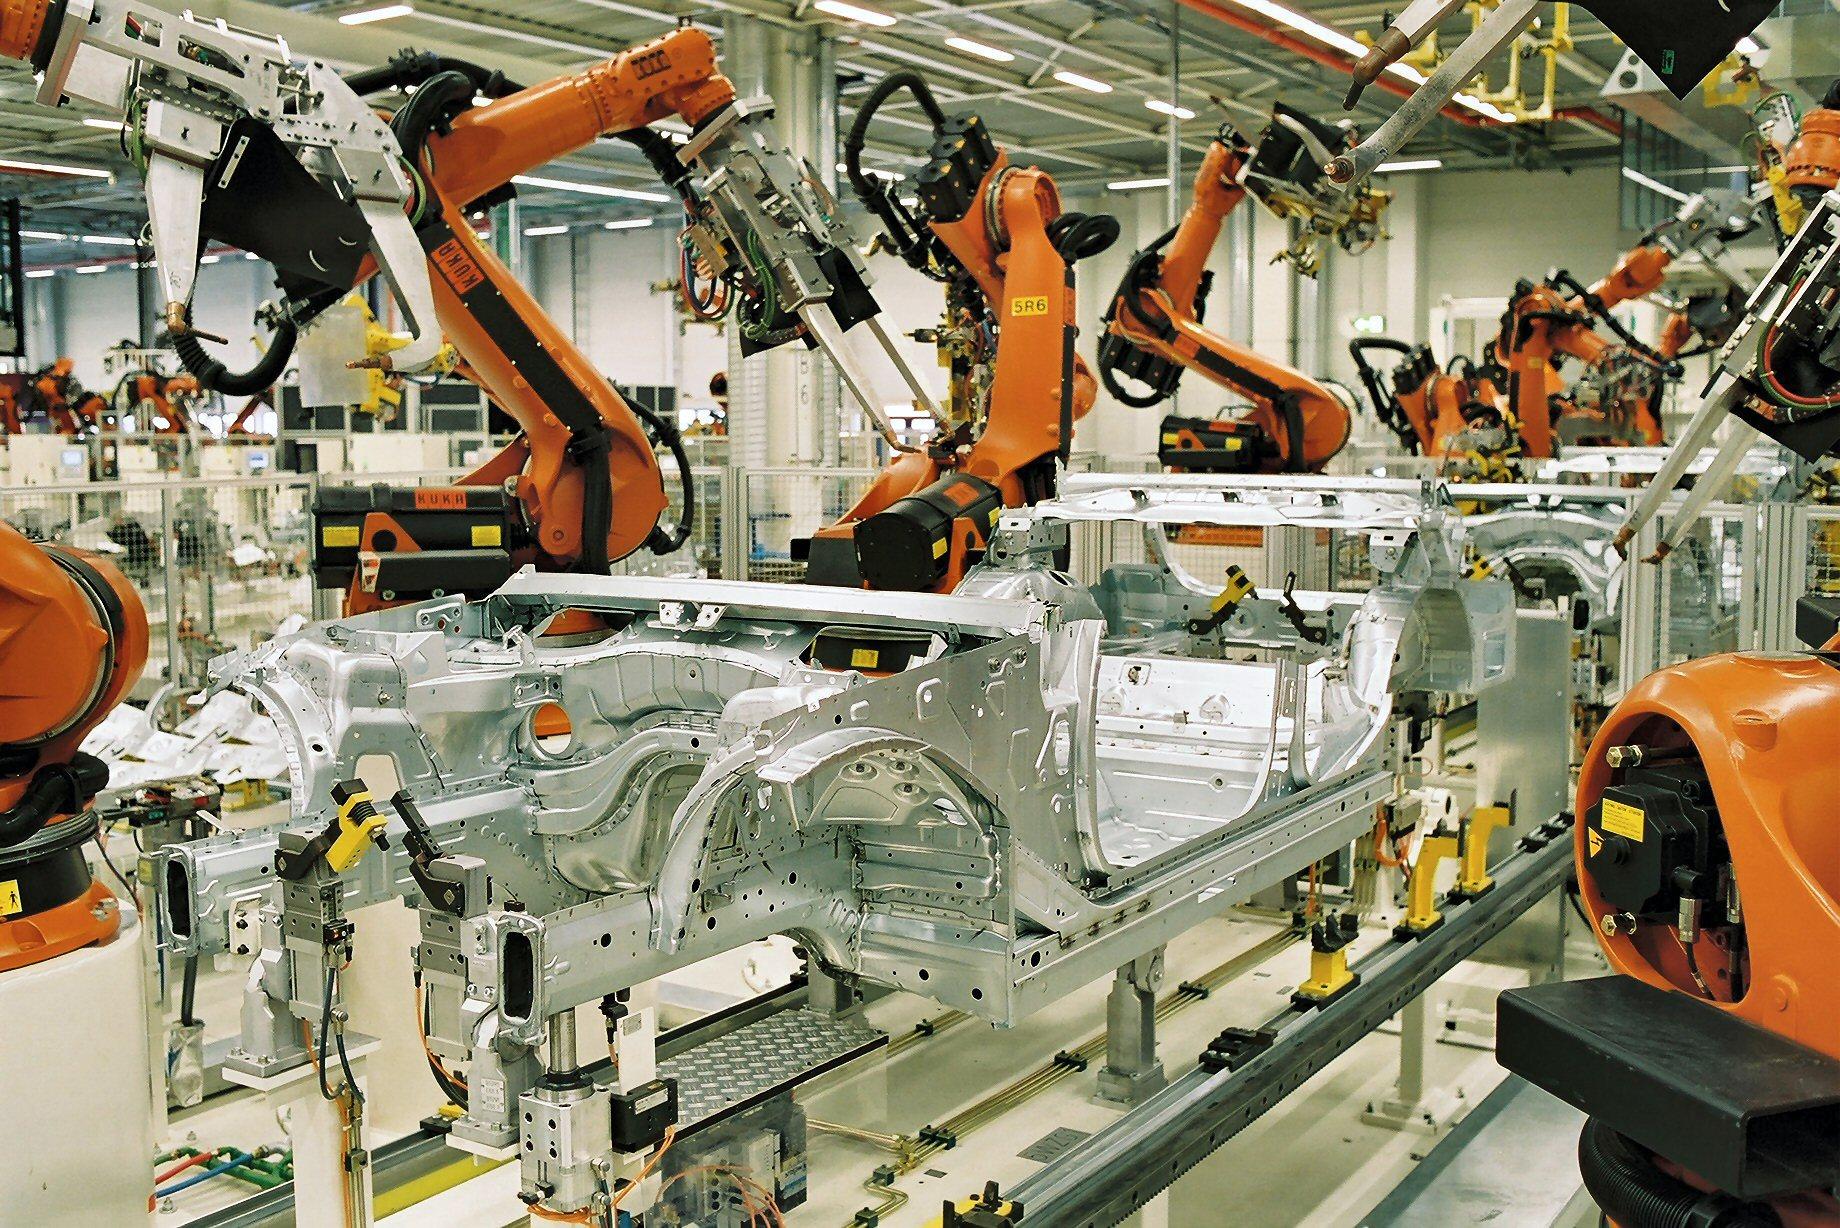 Is de digitale fabriek een hype of onvermijdelijk?